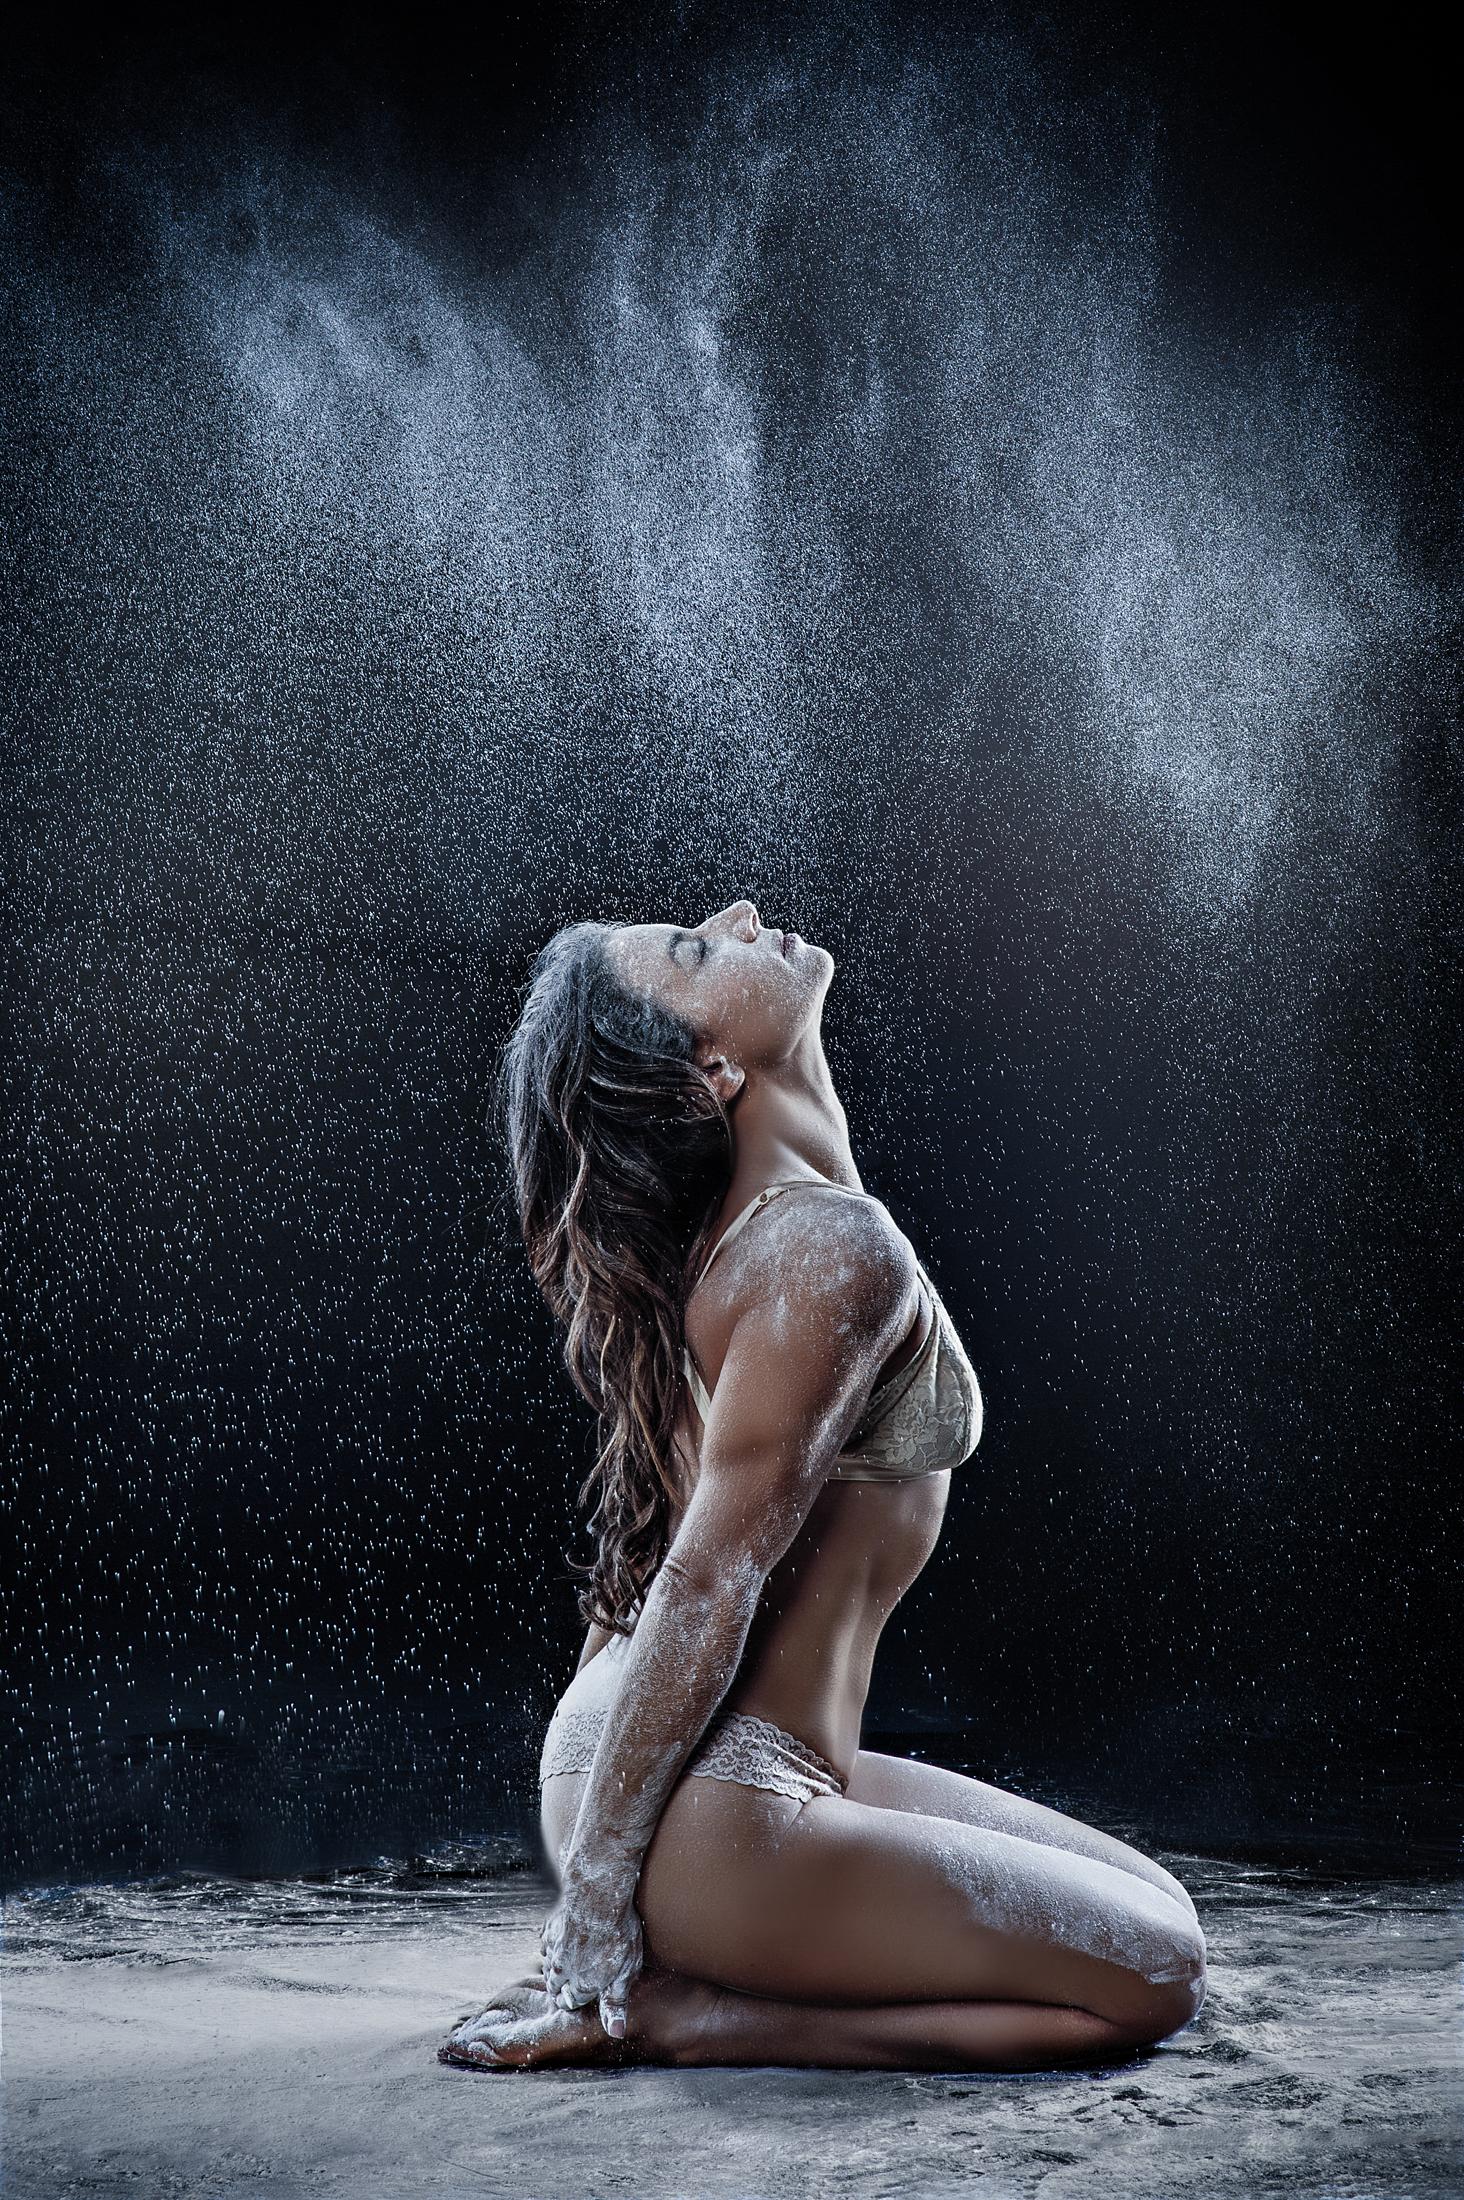 Lauren Stark Naked FINALRETOUCH2psd